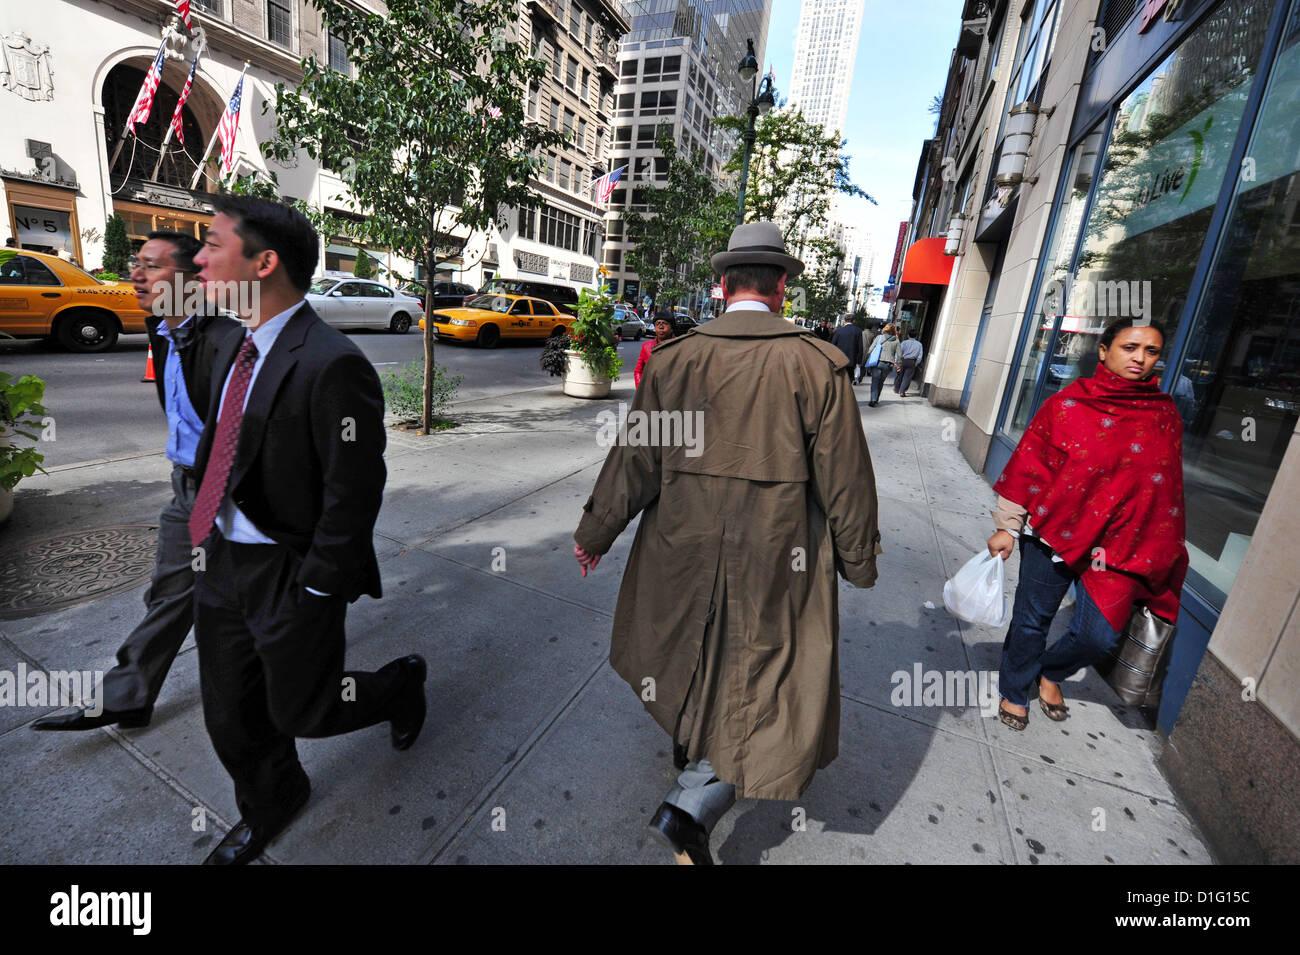 Menschen verschiedener Kulturen teilen einen einzelnen Bürgersteig in Manhattan New York Stockbild